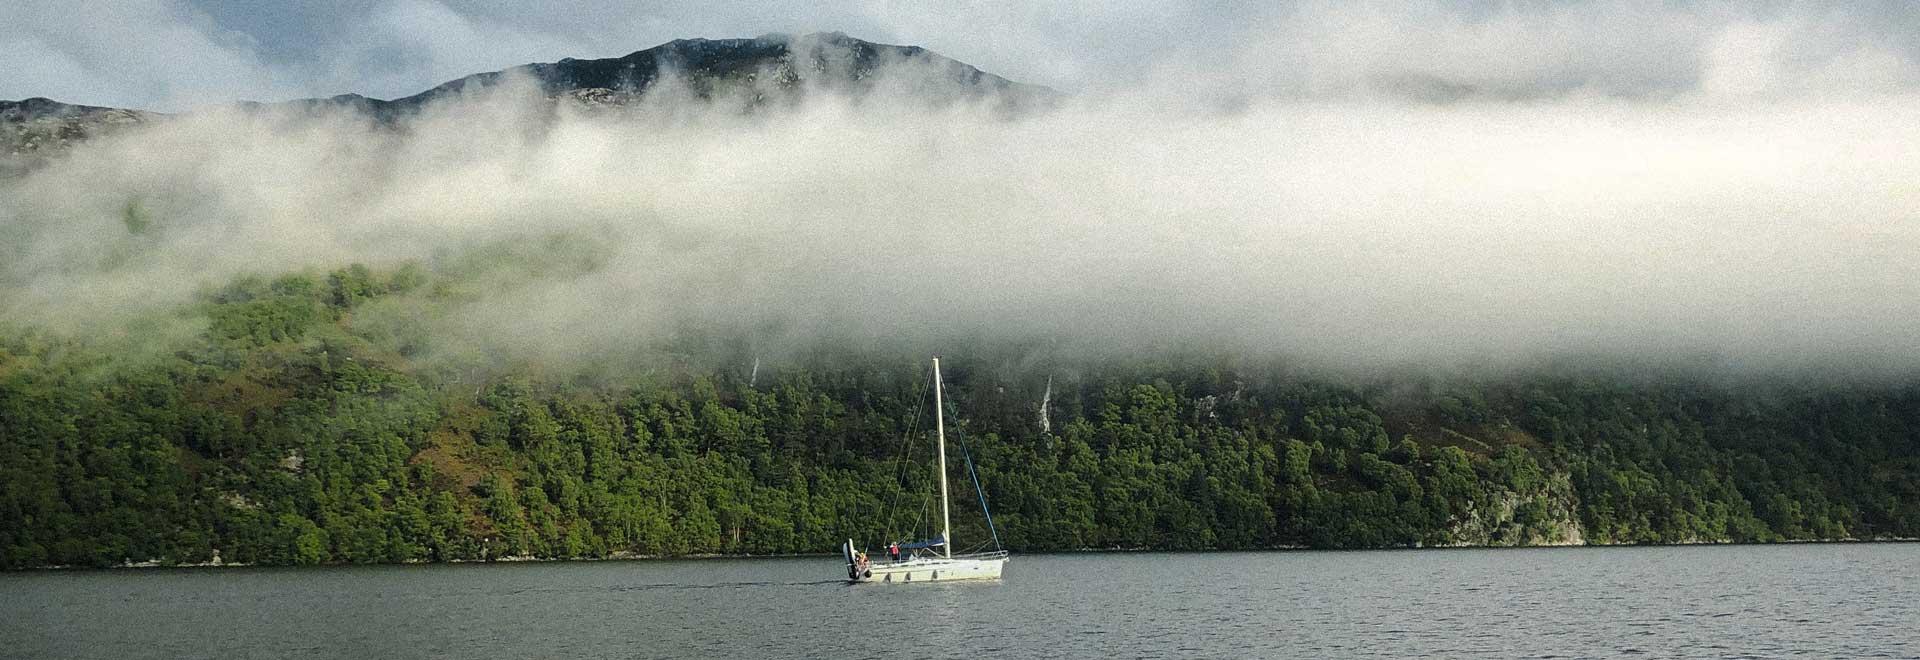 Mitsegeln auf Norsee und Ostsee - Schottland - Loch Ness - Kaledonischer Kanal